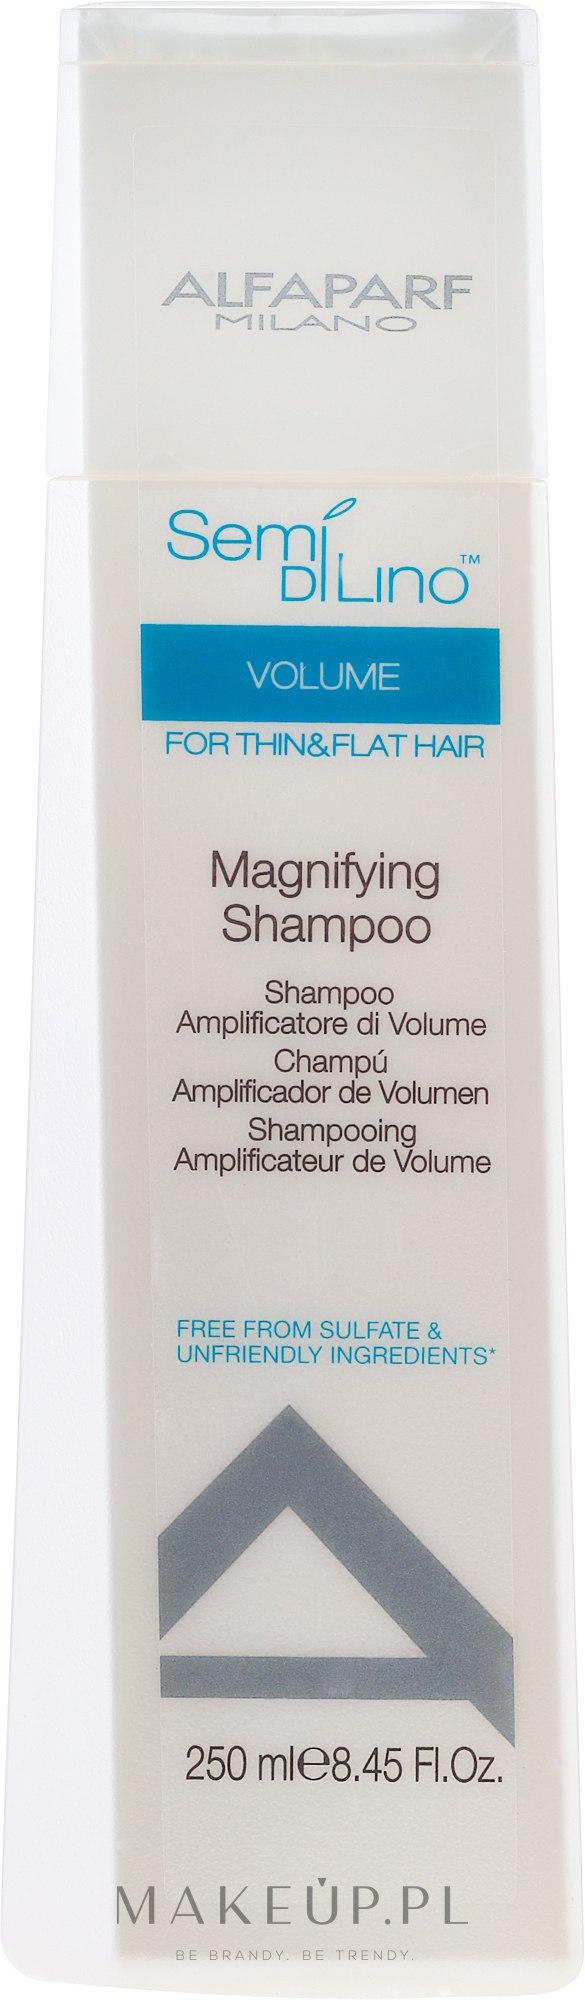 Szampon dodający włosom objętości - Alfaparf Semi di Lino Volume Magnifying Shampoo — фото 250 ml